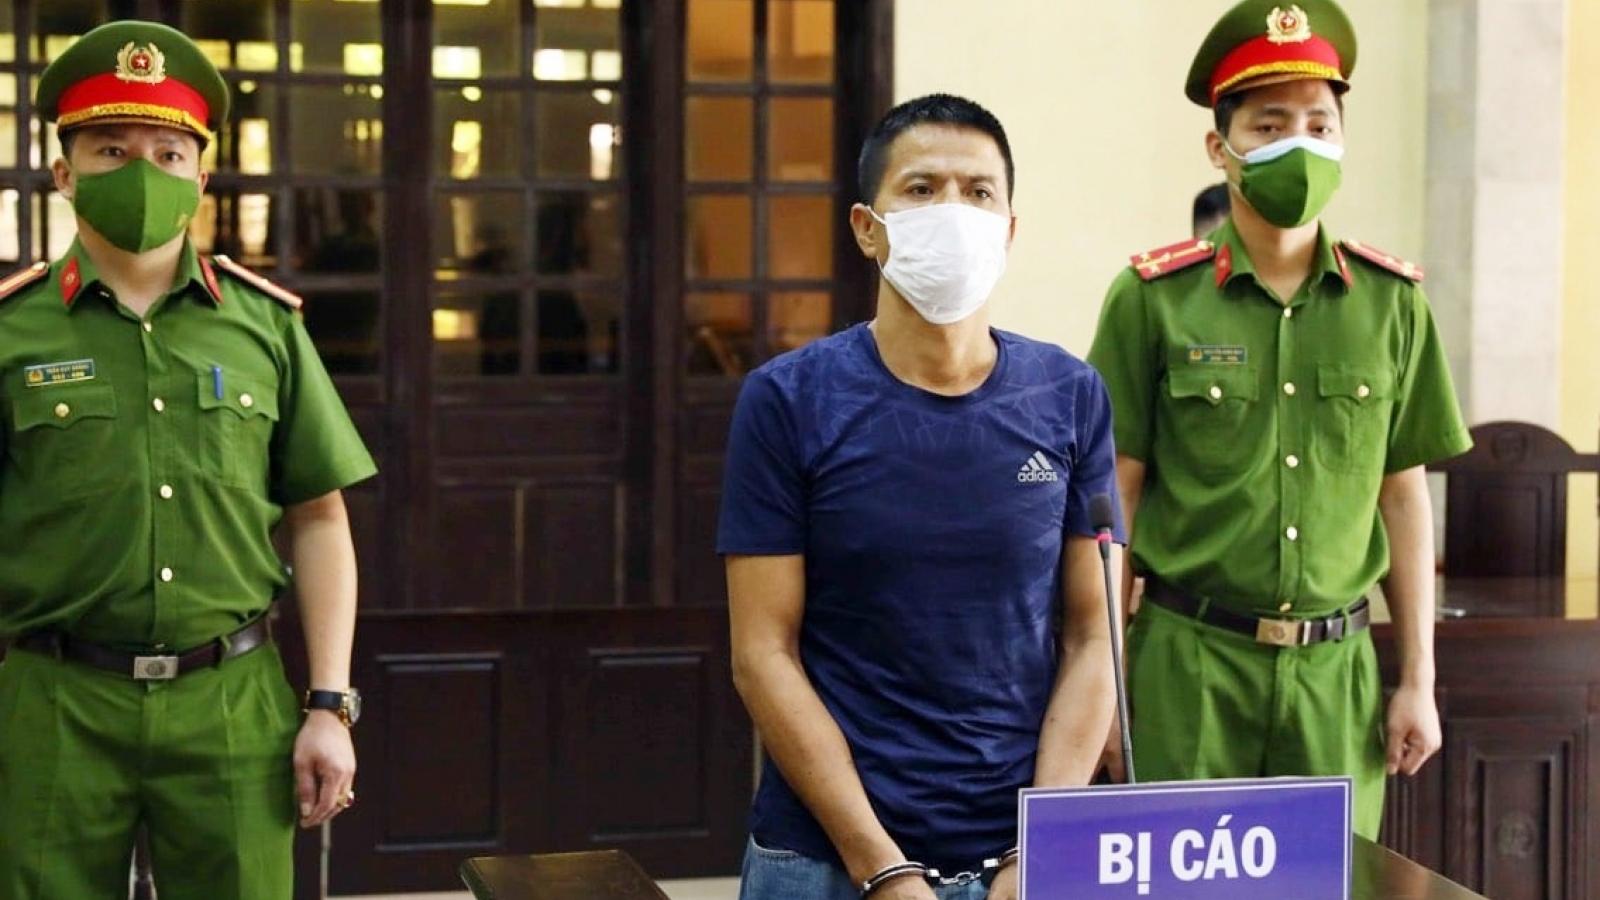 Bị phạt 33 tháng tù vì cầm gạch dọa, bóp cổ lực lượng chức năng